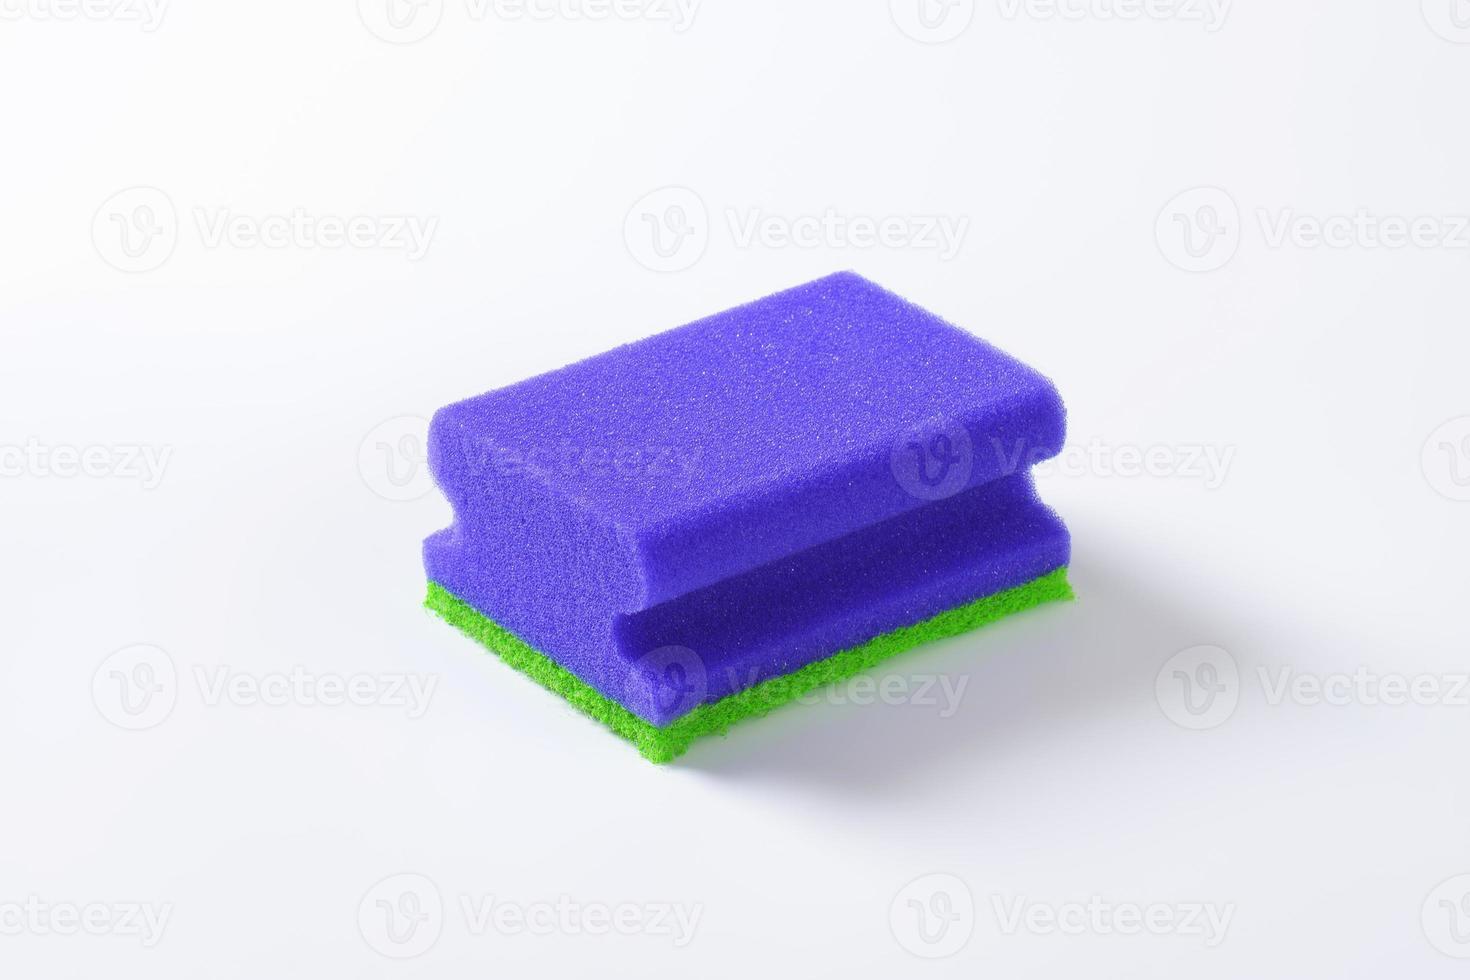 blauer Küchenschwamm foto